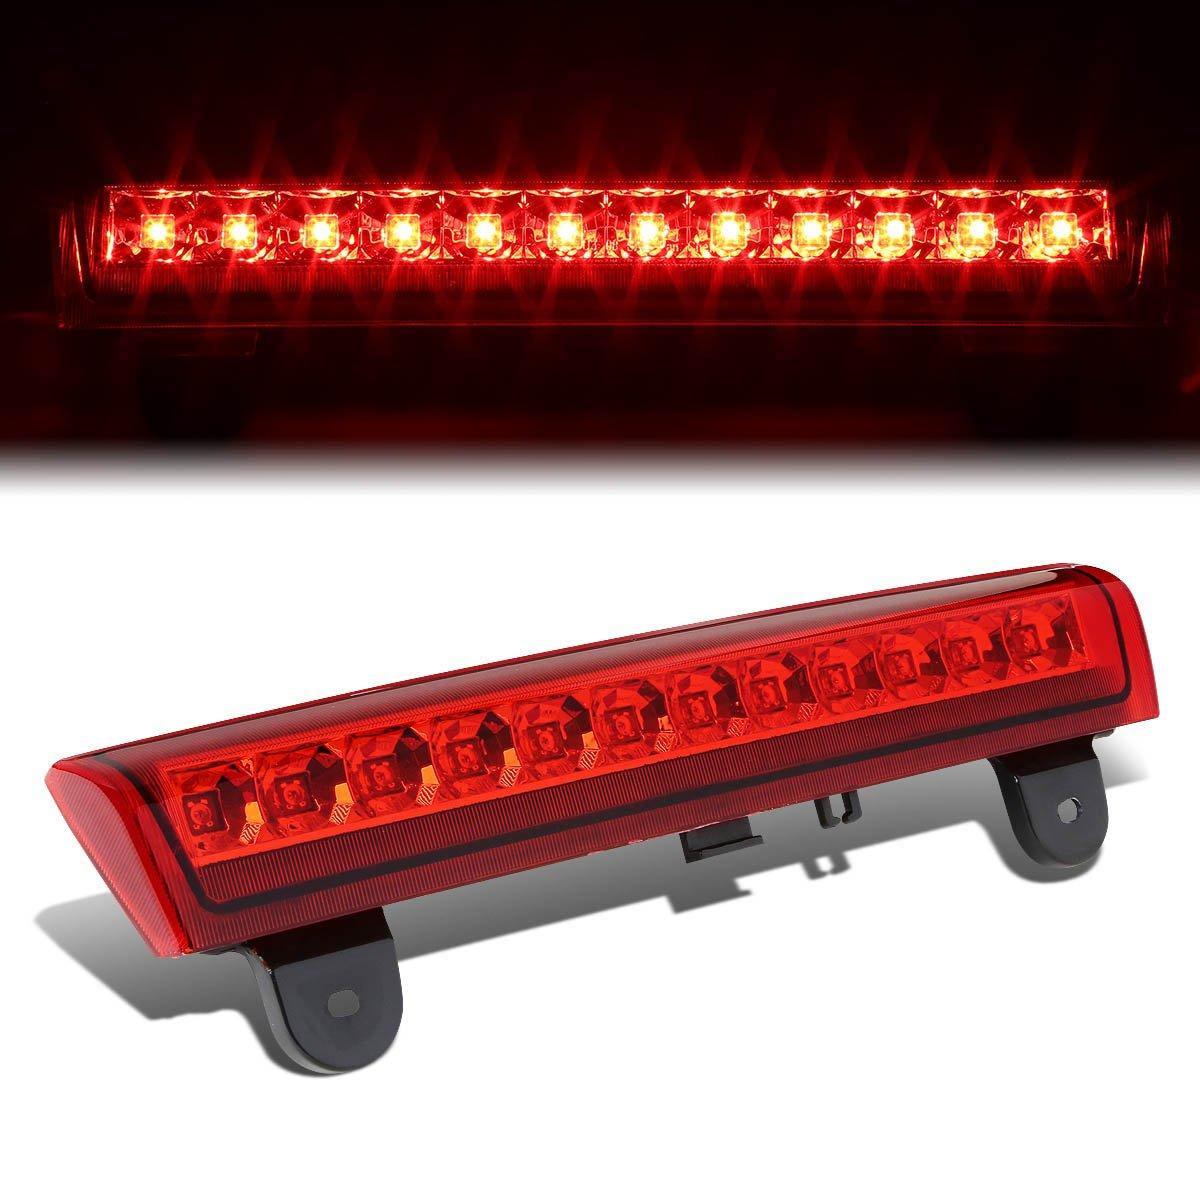 For Chevy Tahoe/Suburban / GMC Yukon GMT800 High Mount LED 3rd Brake Light (Red Lens)